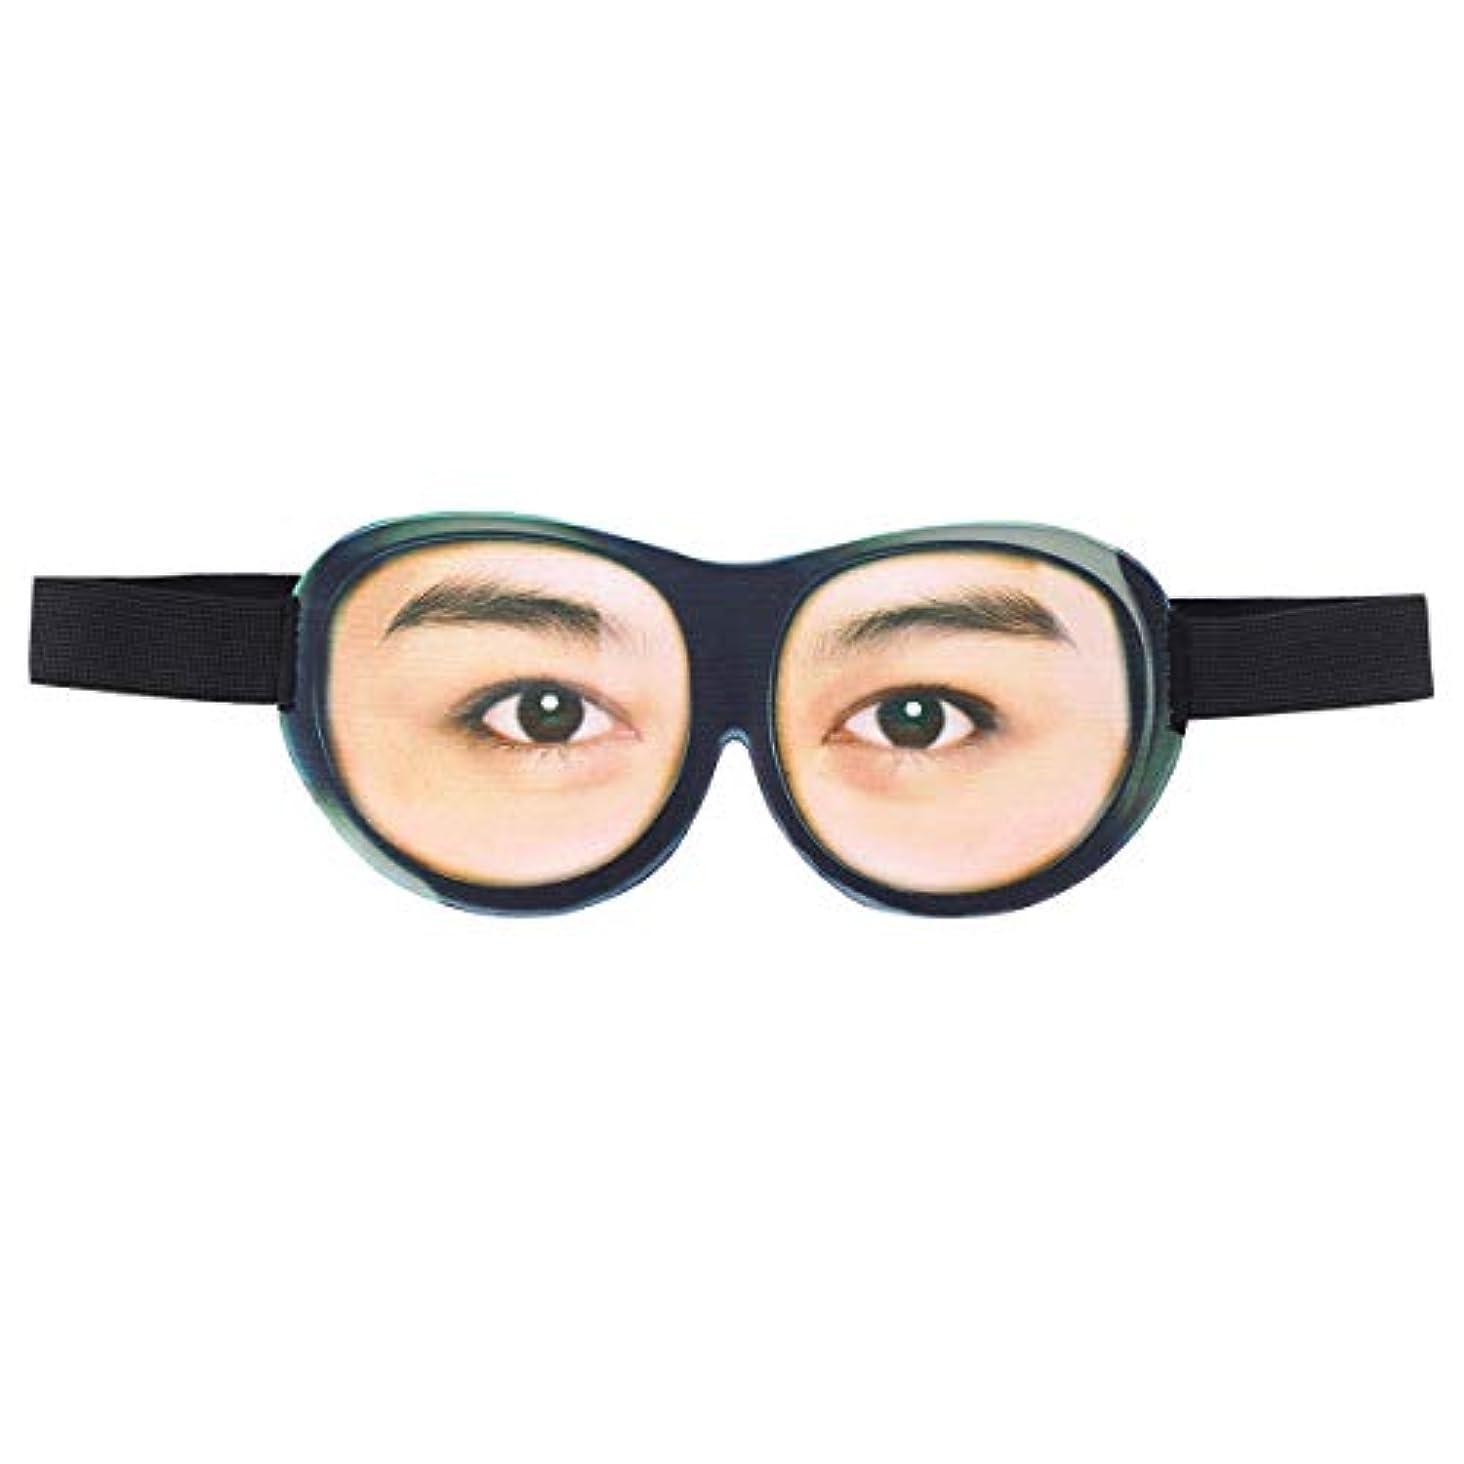 失礼信頼性のある犯すHealifty 3D面白いアイシェード睡眠マスク旅行アイマスク目隠し睡眠ヘルパーアイシェード男性女性旅行昼寝と深い眠り(優しいふりをする)